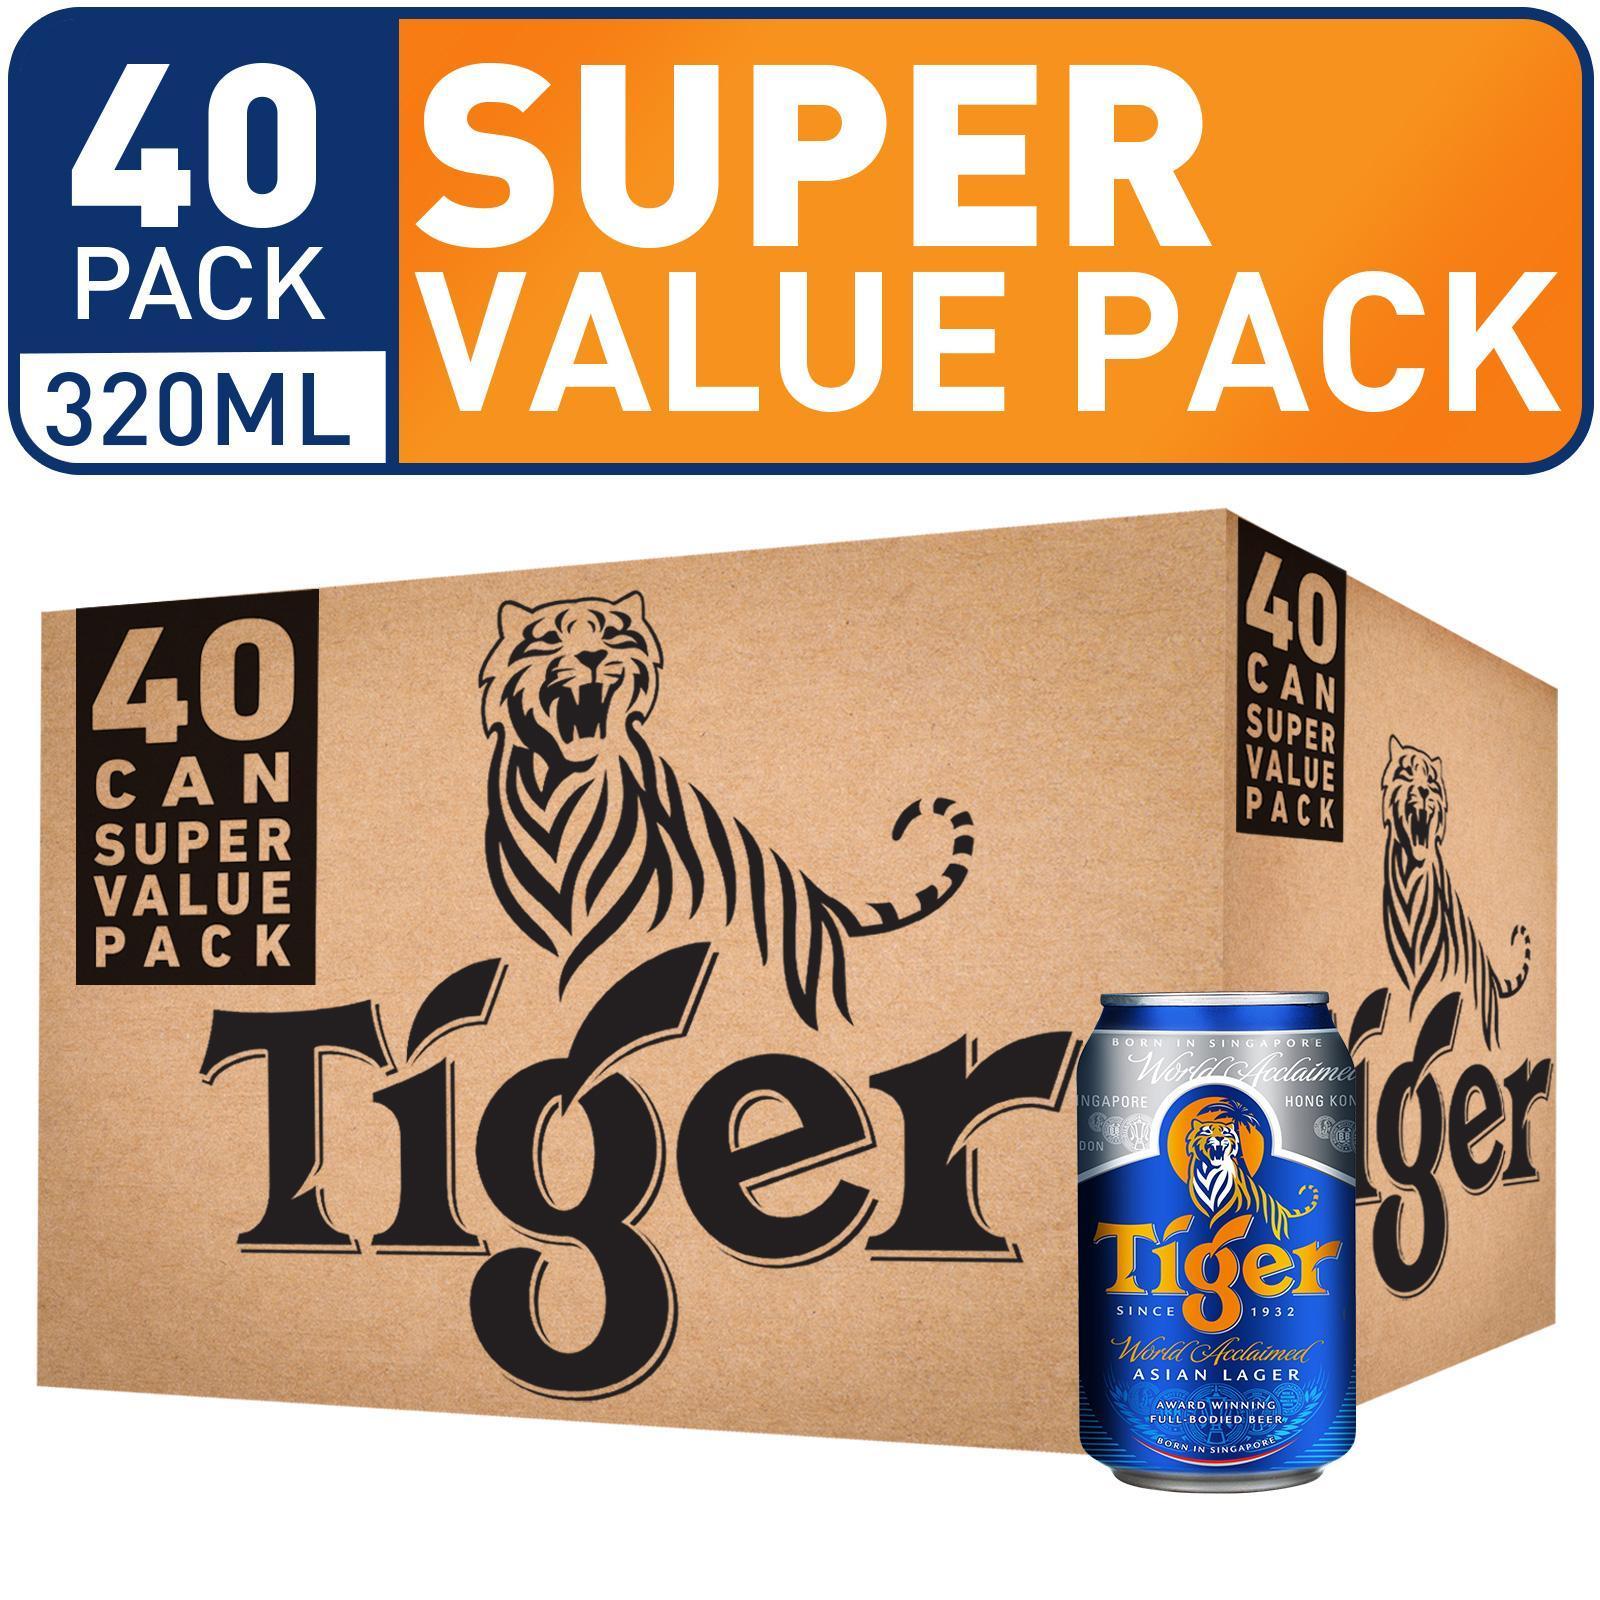 Tiger Beer Super Value Pack - 40x320ML